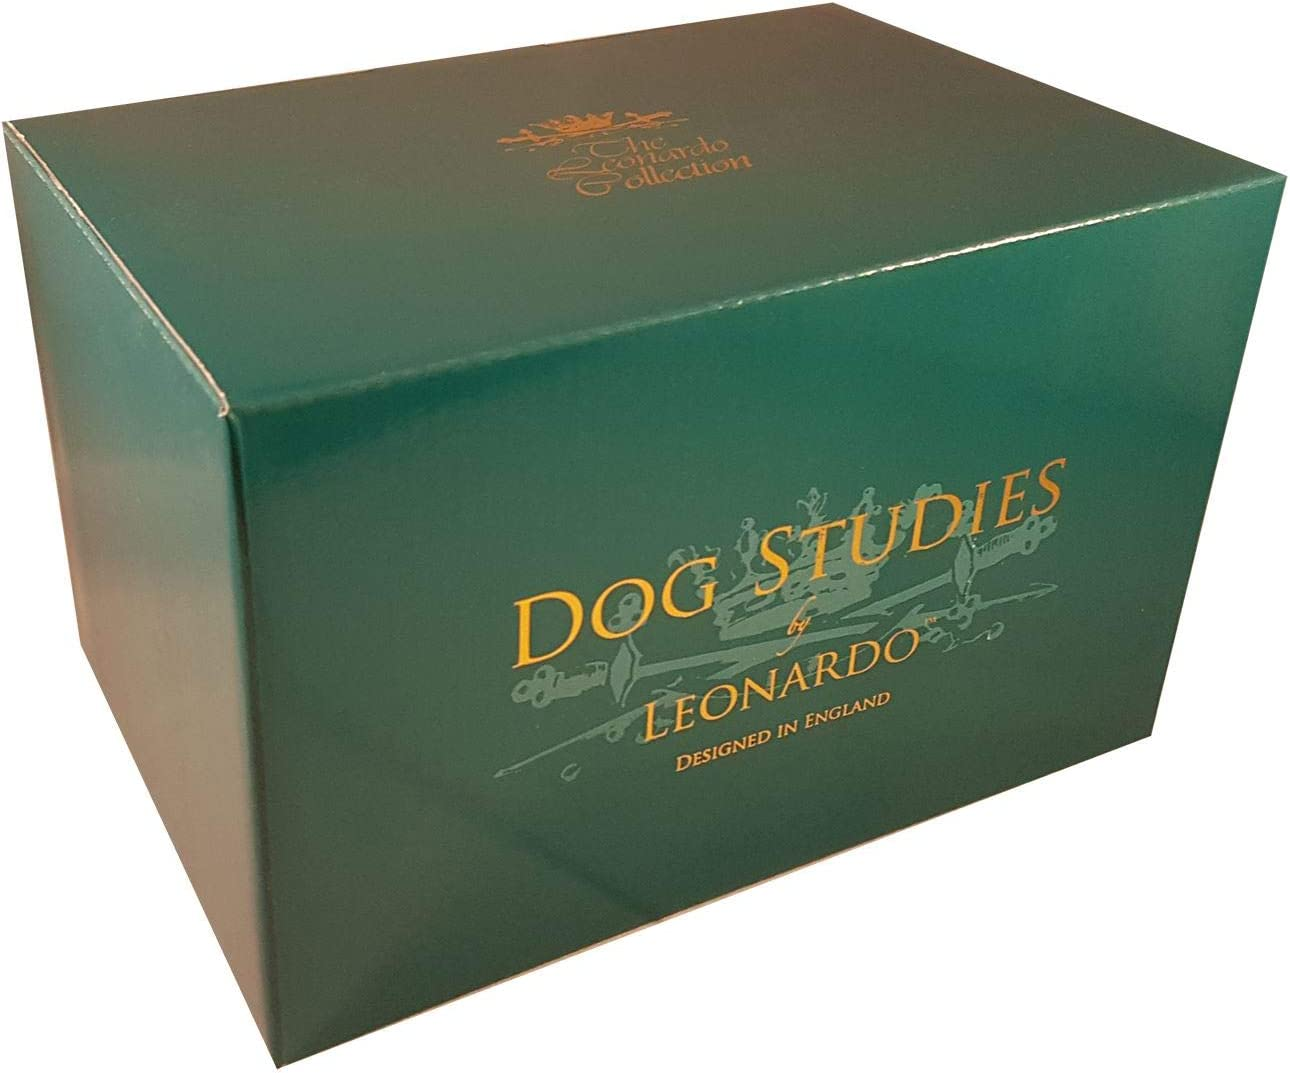 Figura decorativa de perro realista The Leonardo Collection British Bulldog